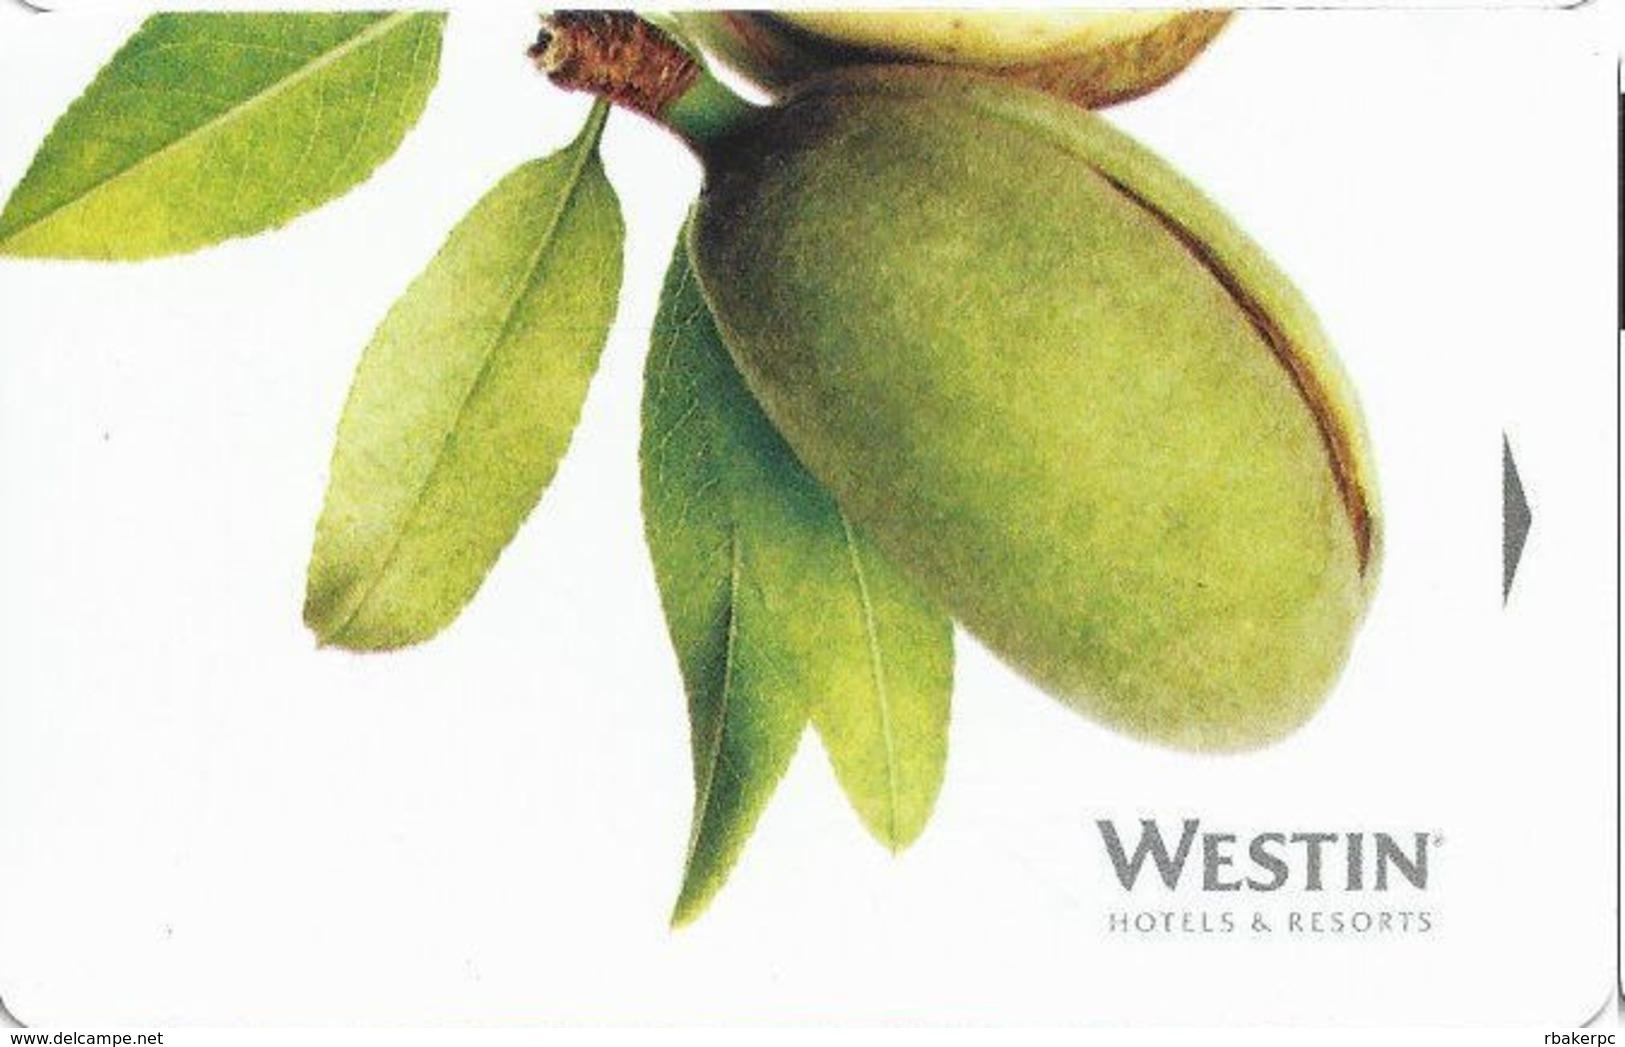 Westin Hotel Room Key Card - Cartes D'hotel